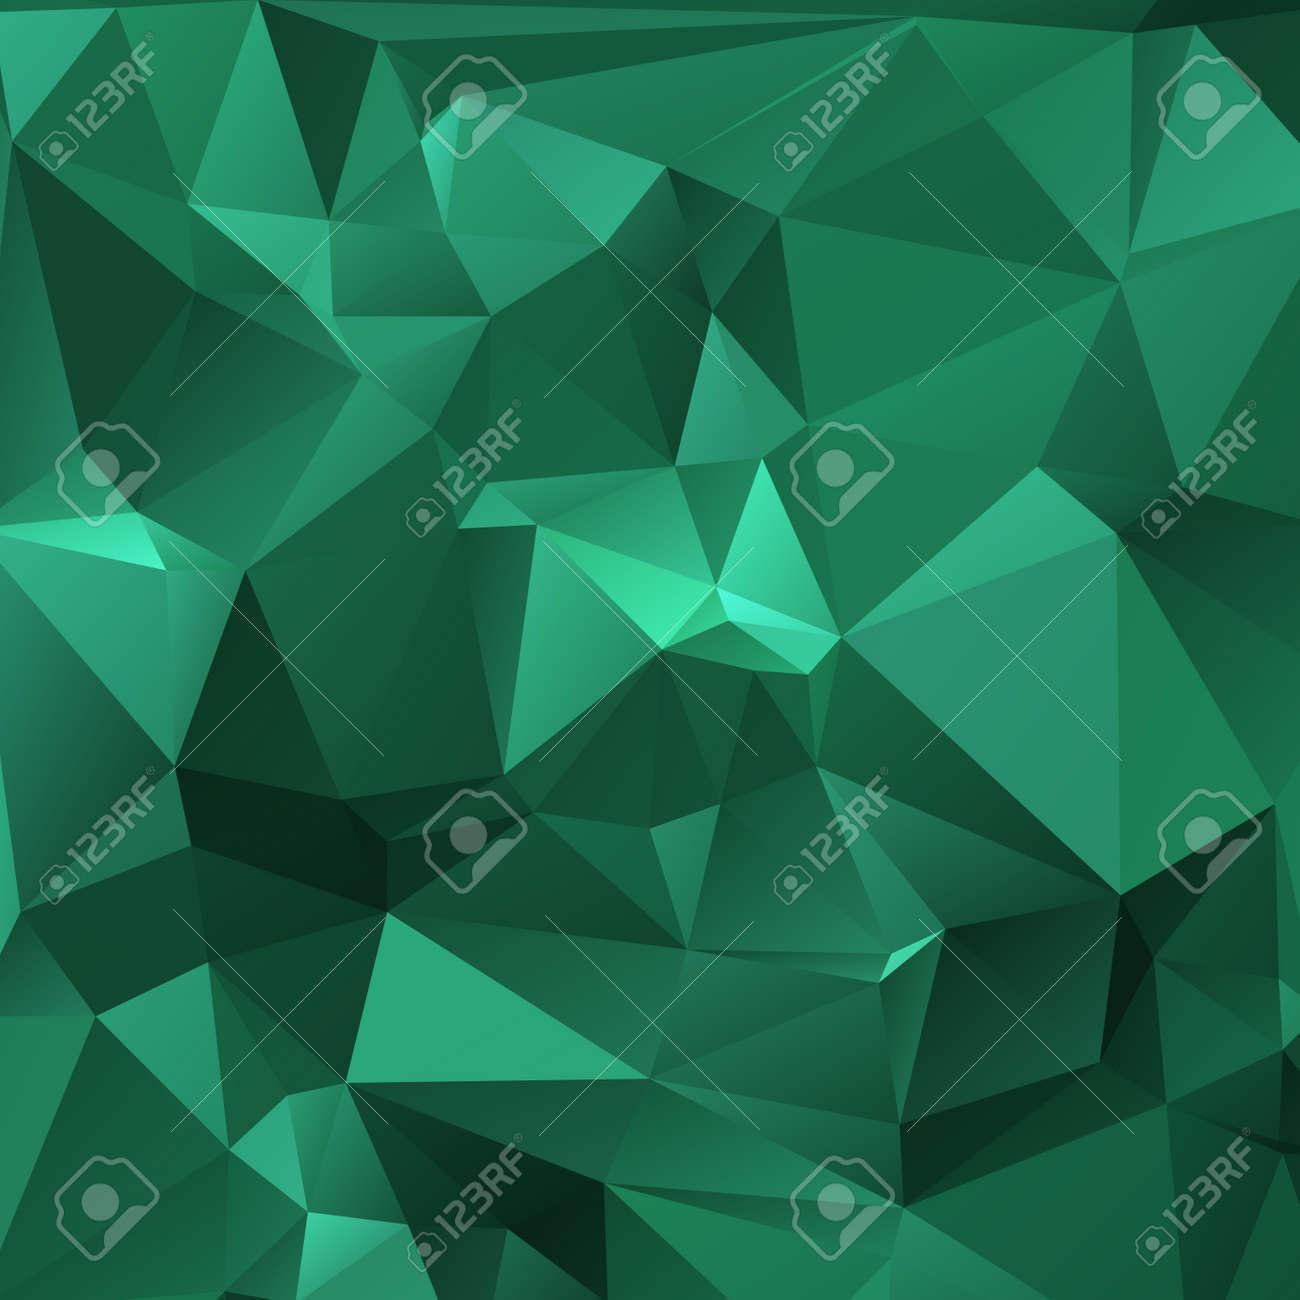 47450471 nette dunkelgr%C3%BCne tapete mit dreieckigen muster - Dunkelgrune Tapete